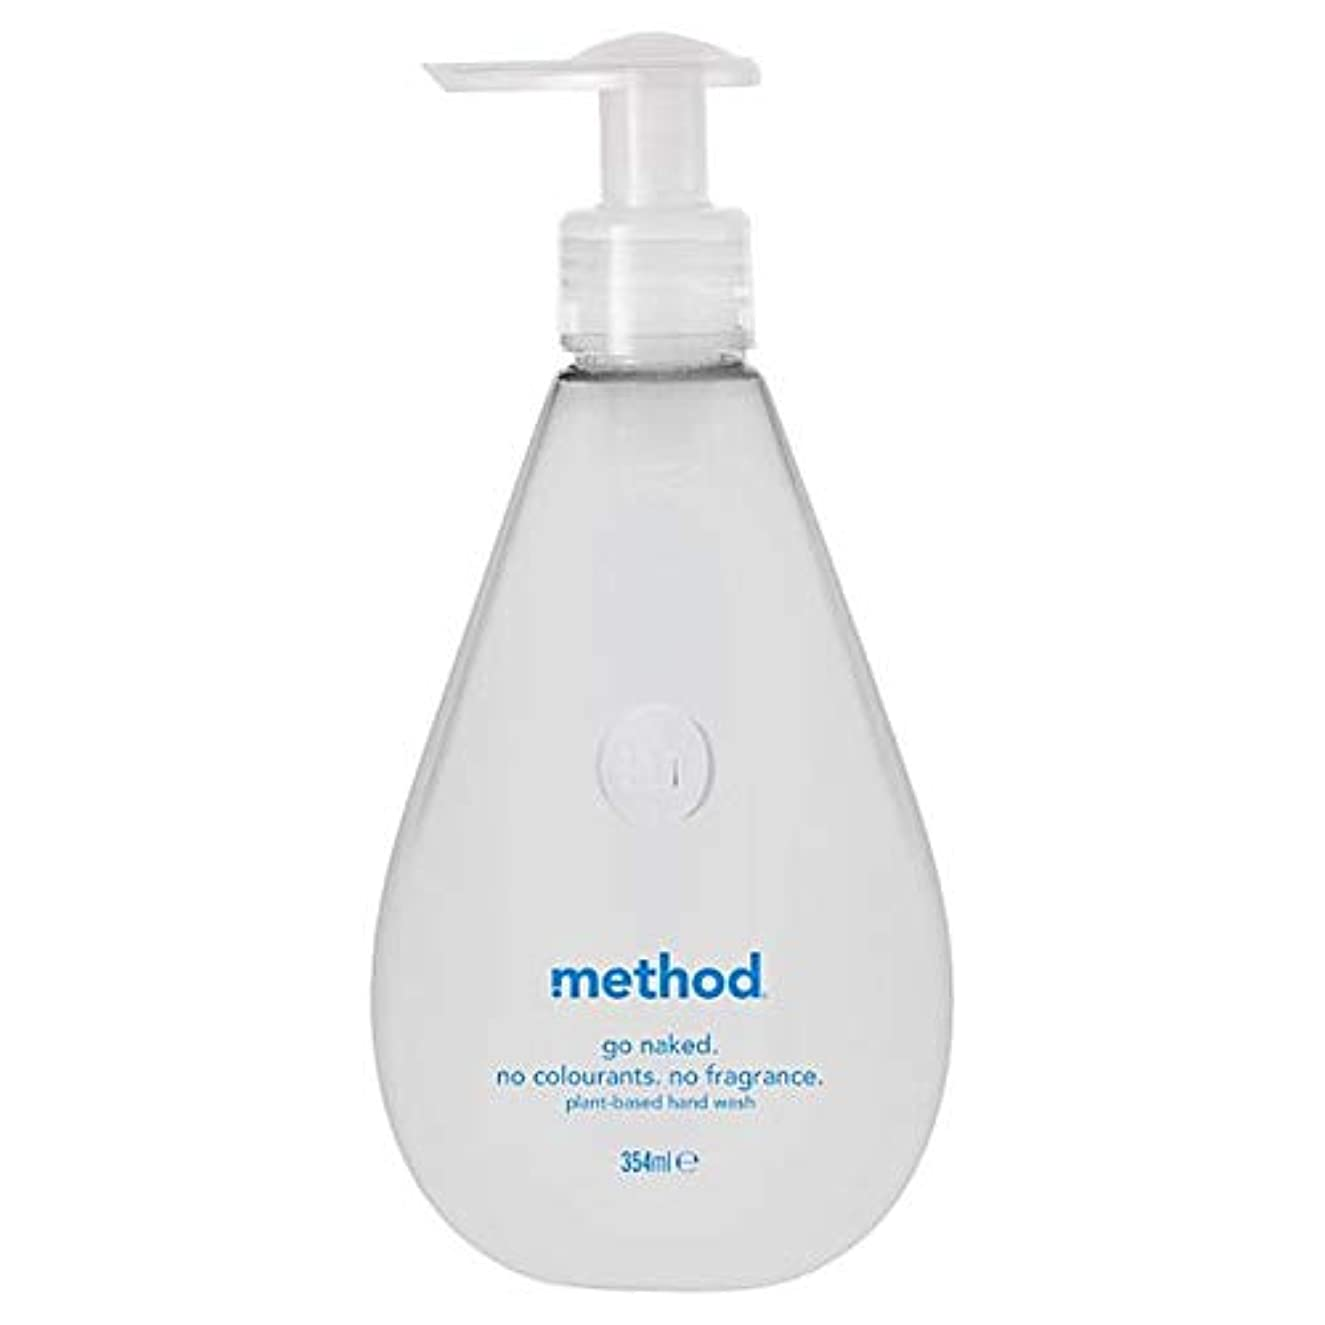 [Method ] 方法裸手洗いゲル354ミリリットル - Method Naked Hand Wash Gel 354Ml [並行輸入品]